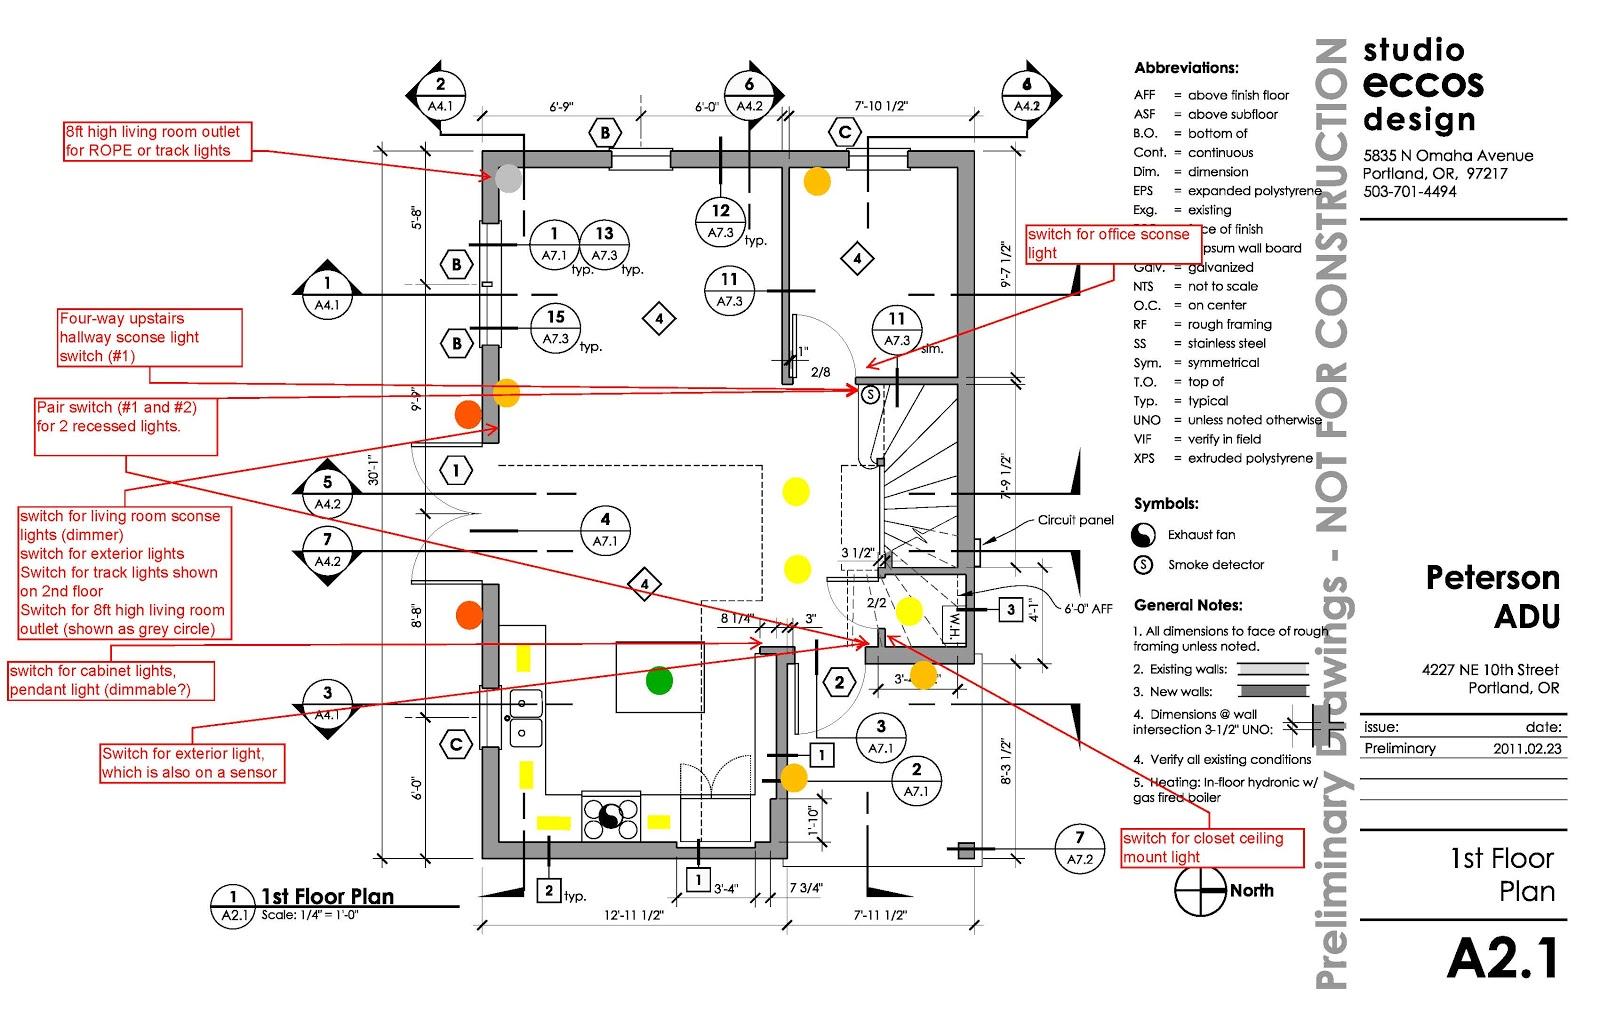 medium resolution of lighting plan for first floor